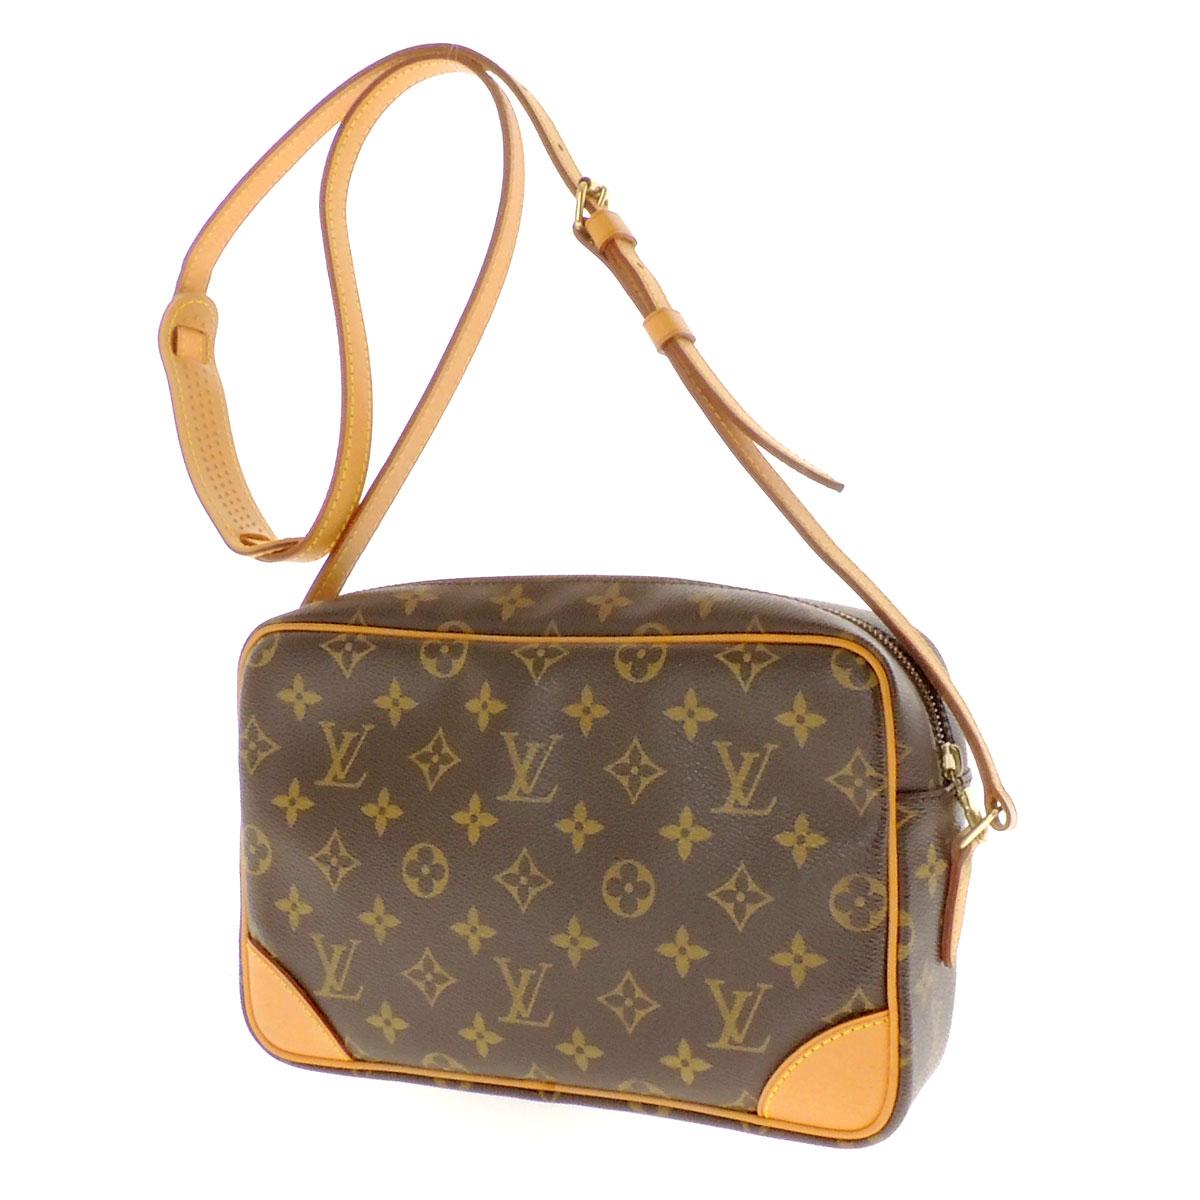 LOUIS VUITTON トロカデロ 27 M51274 shoulder bag monogram canvas Lady's